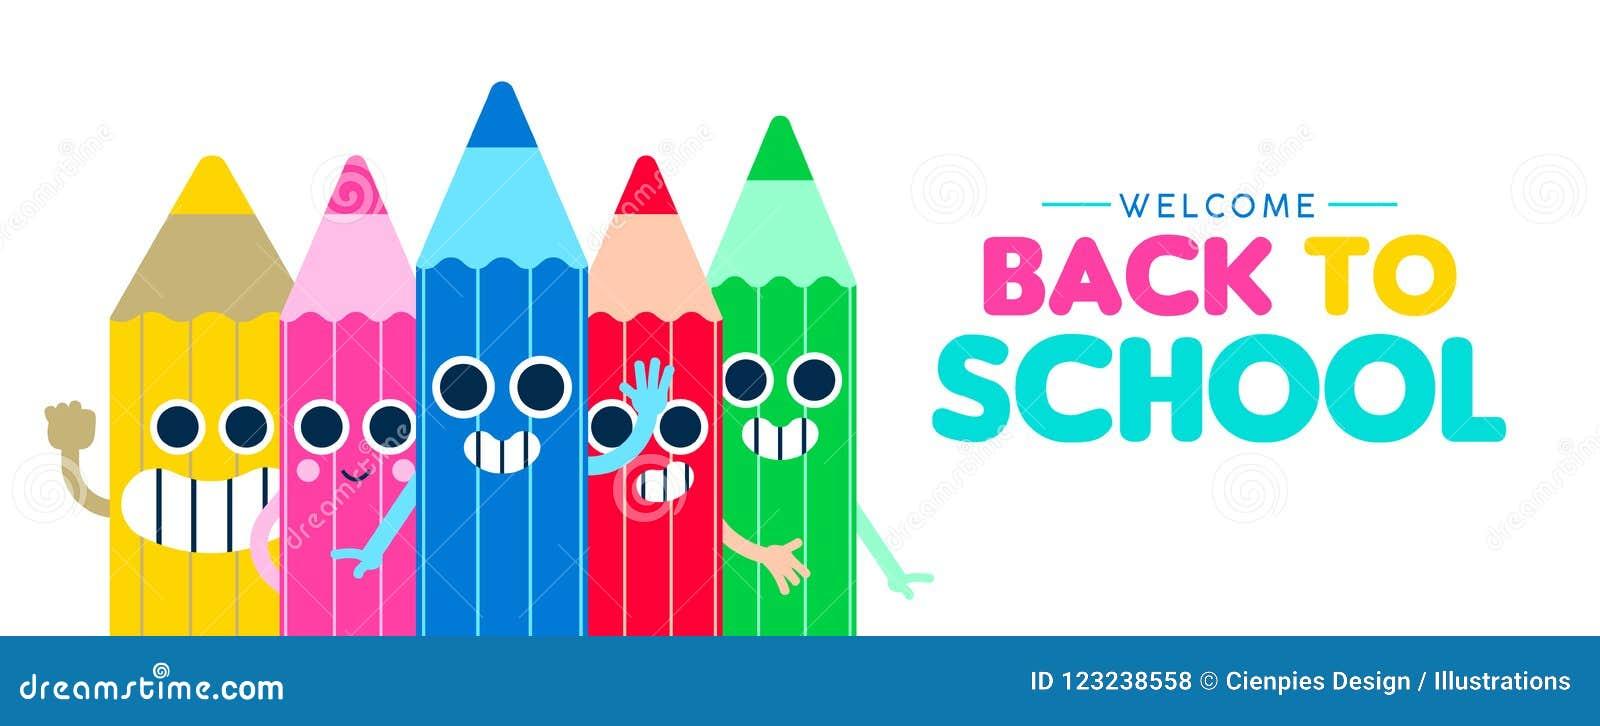 回到学校愉快的铅笔动画片网横幅